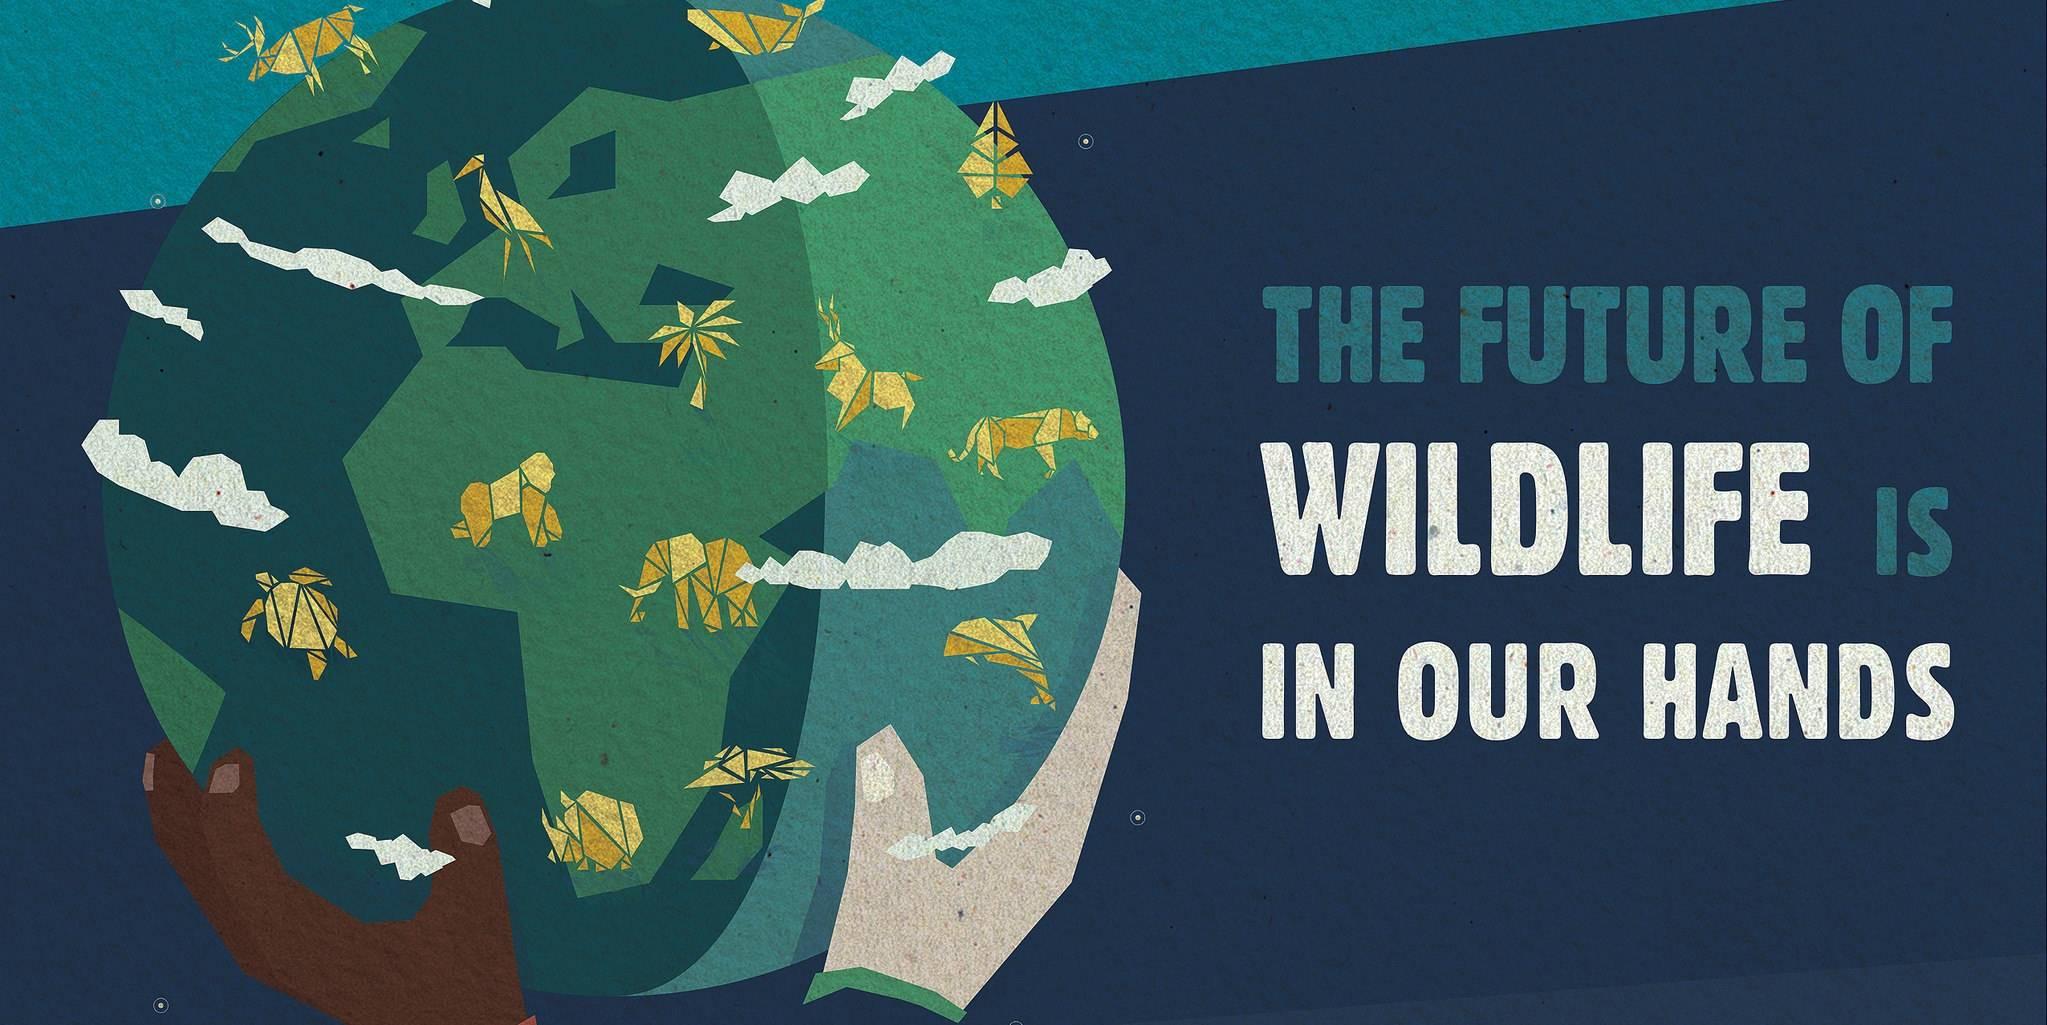 Verdensdagen for vilde dyr og planter